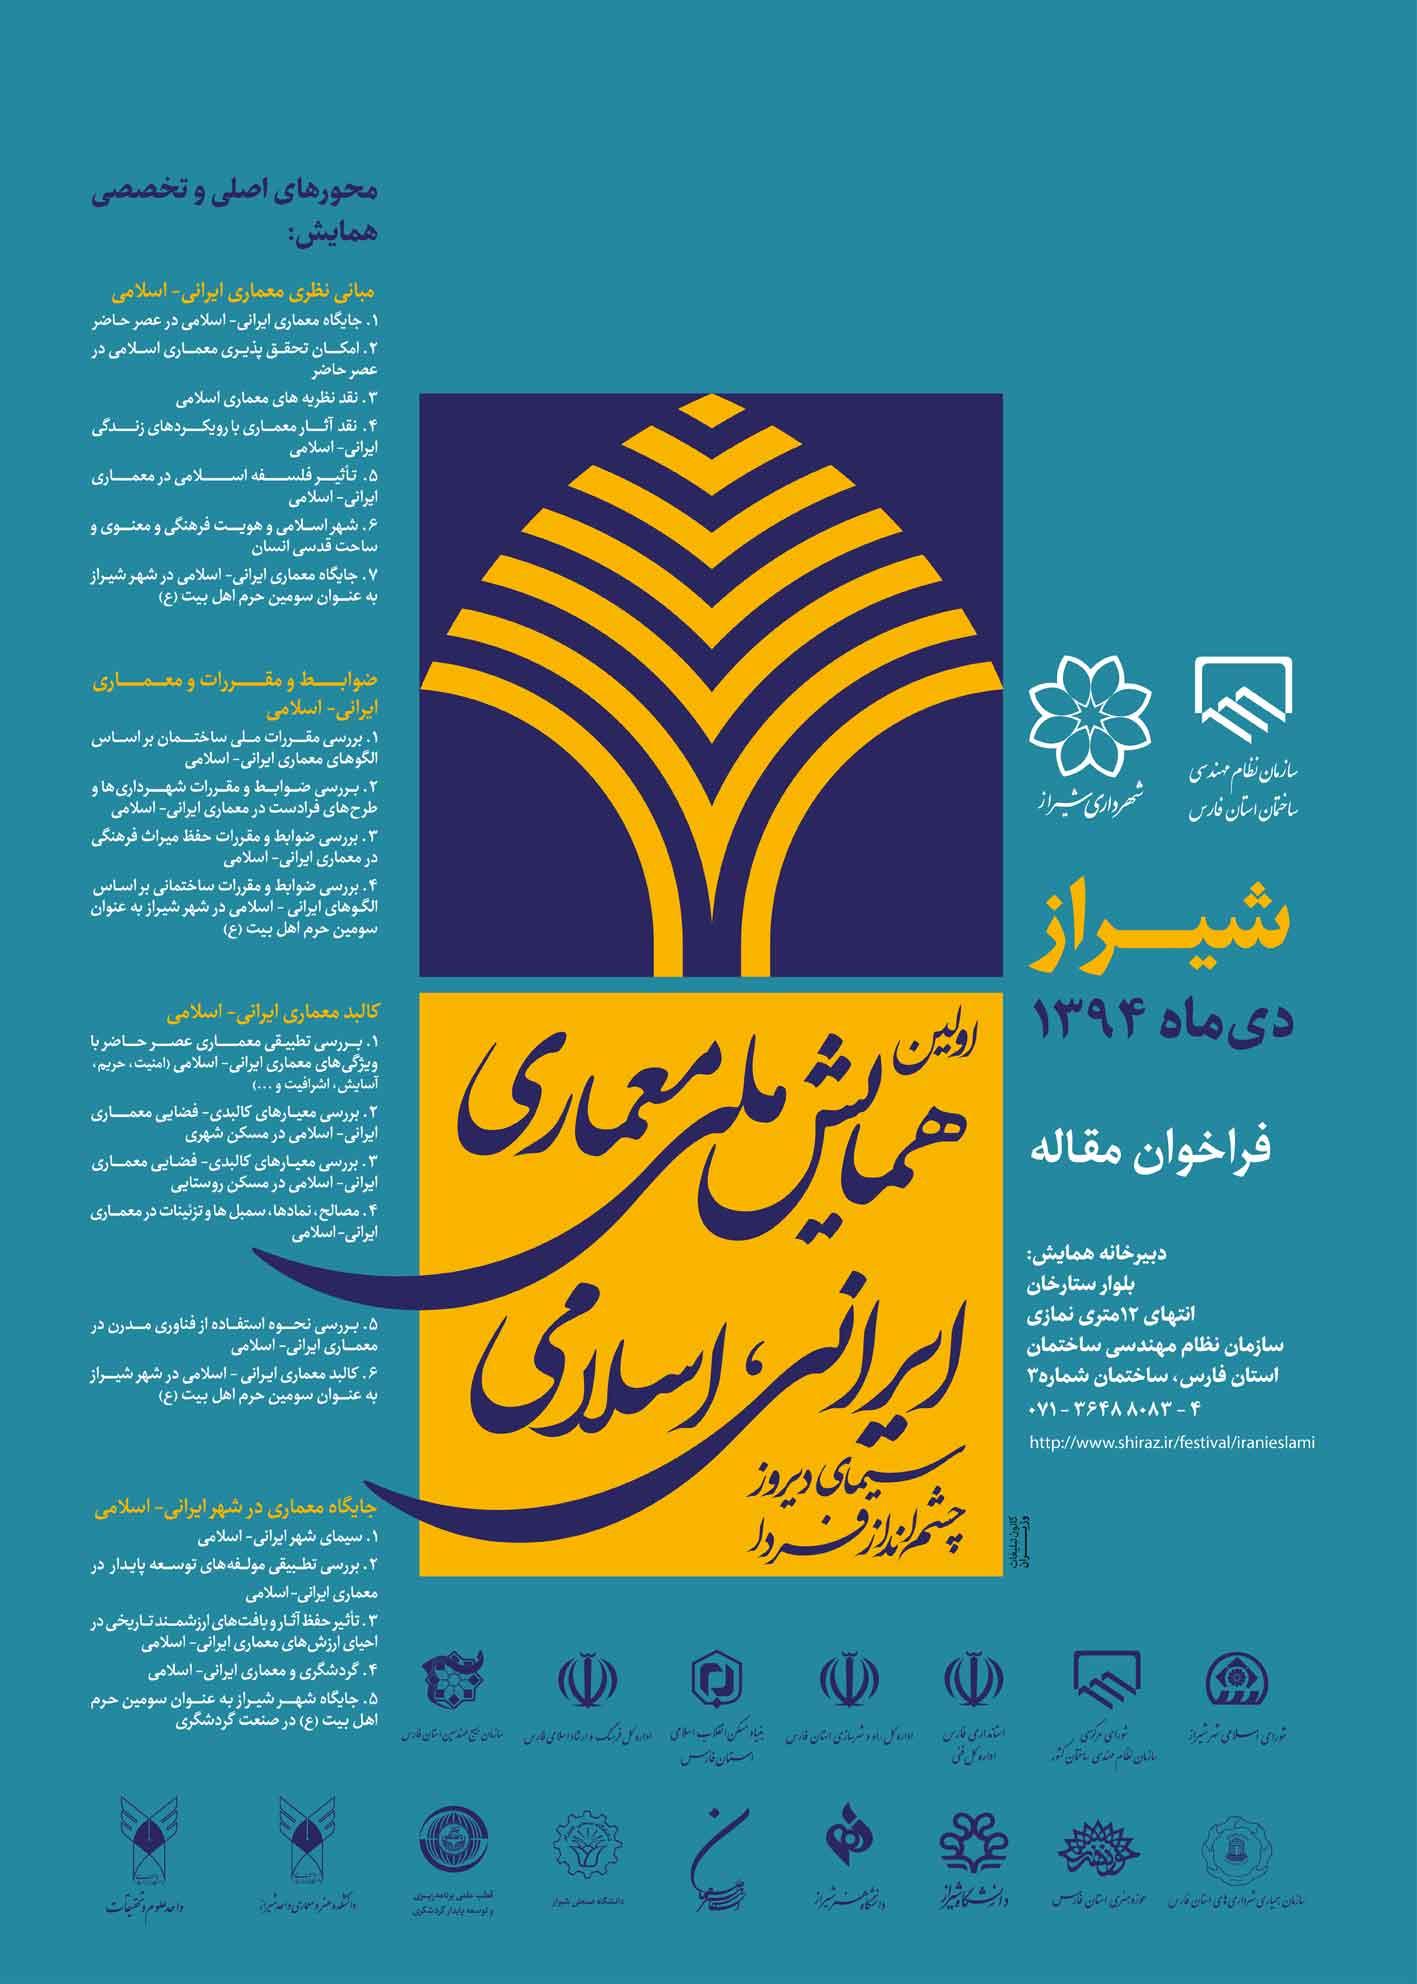 اولین همایش ملی معماری اسلامی – ایرانی (سیمای دیروز، چشم انداز فردا)